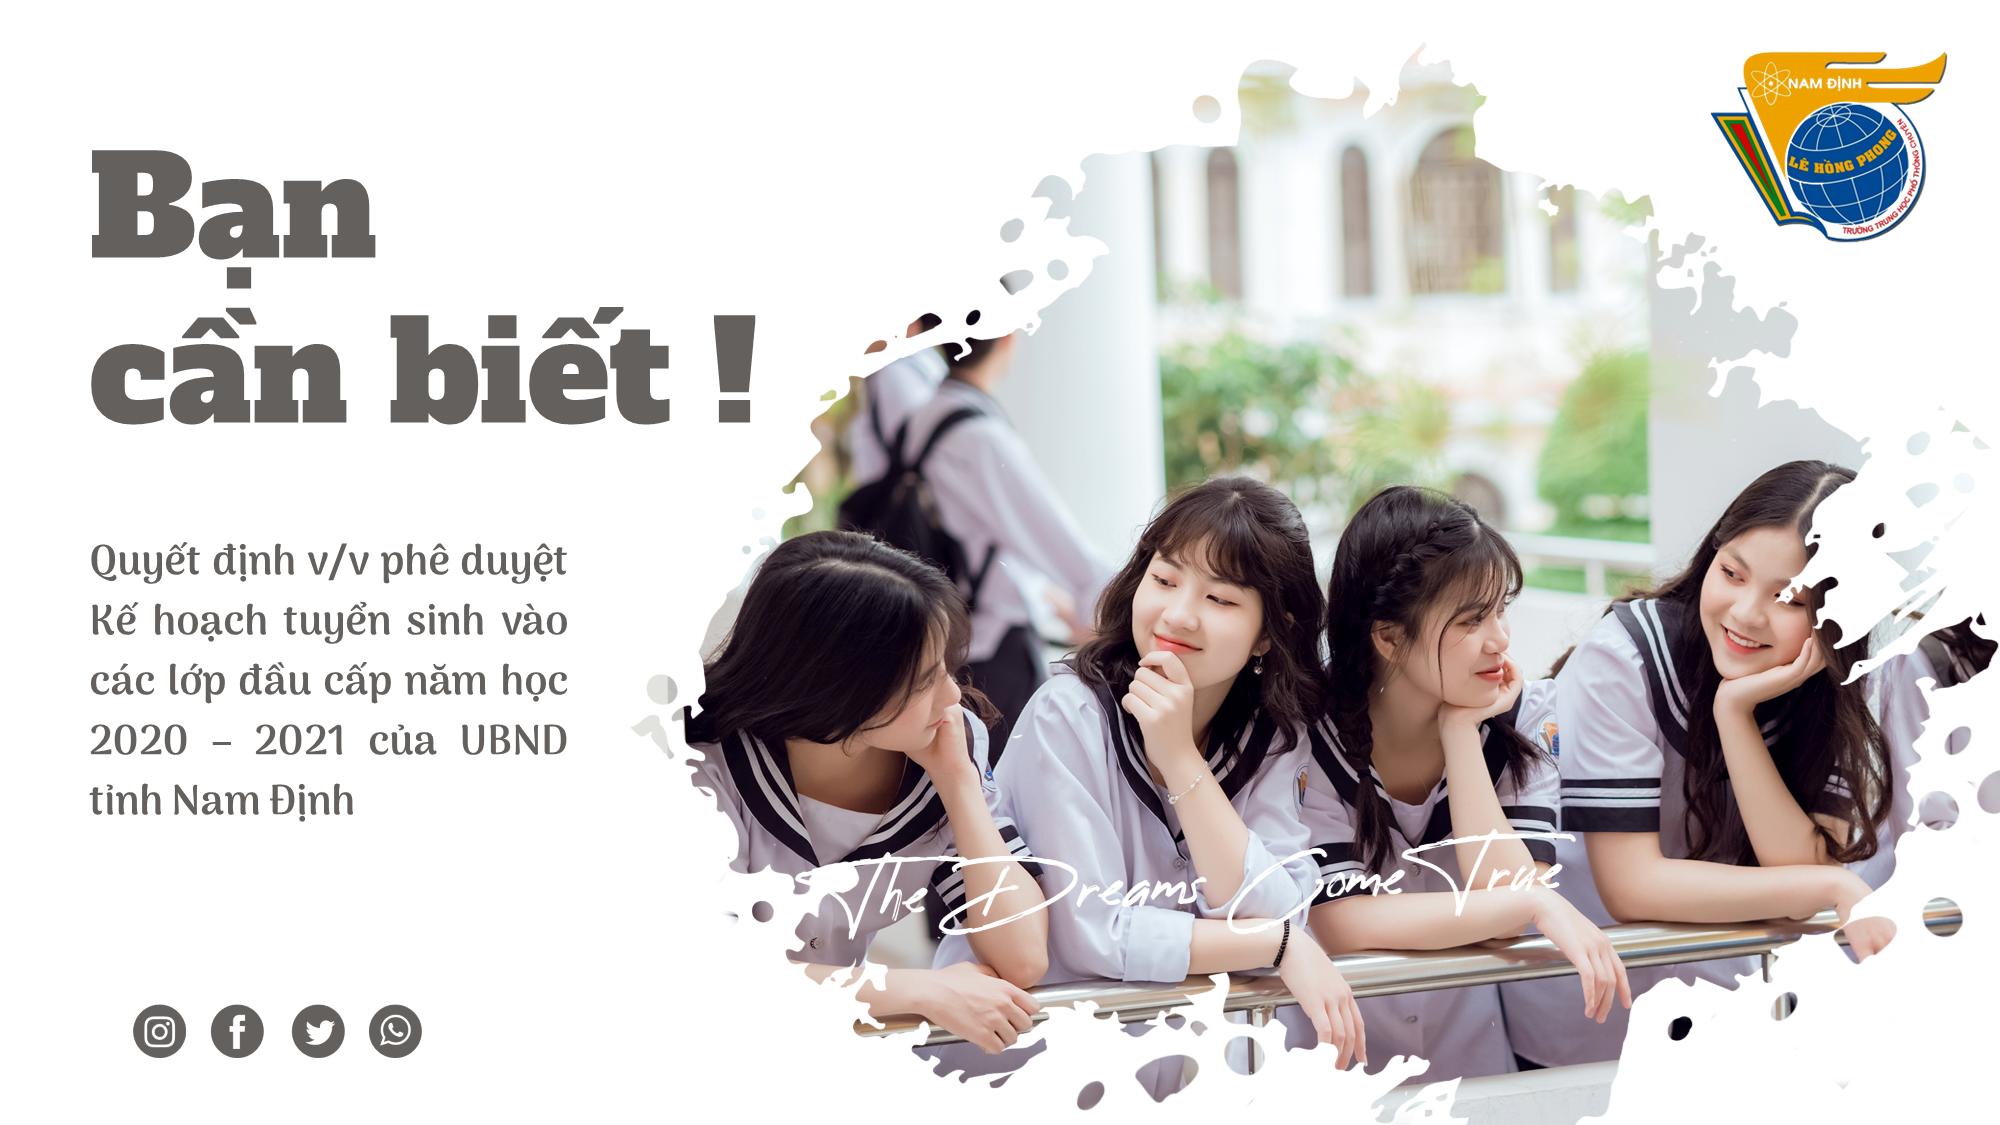 Quyết định về việc phê duyệt Kế hoạch tuyển sinh vào các lớp đầu cấp năm học 2021 - 2022 của UBND tỉnh Nam Định